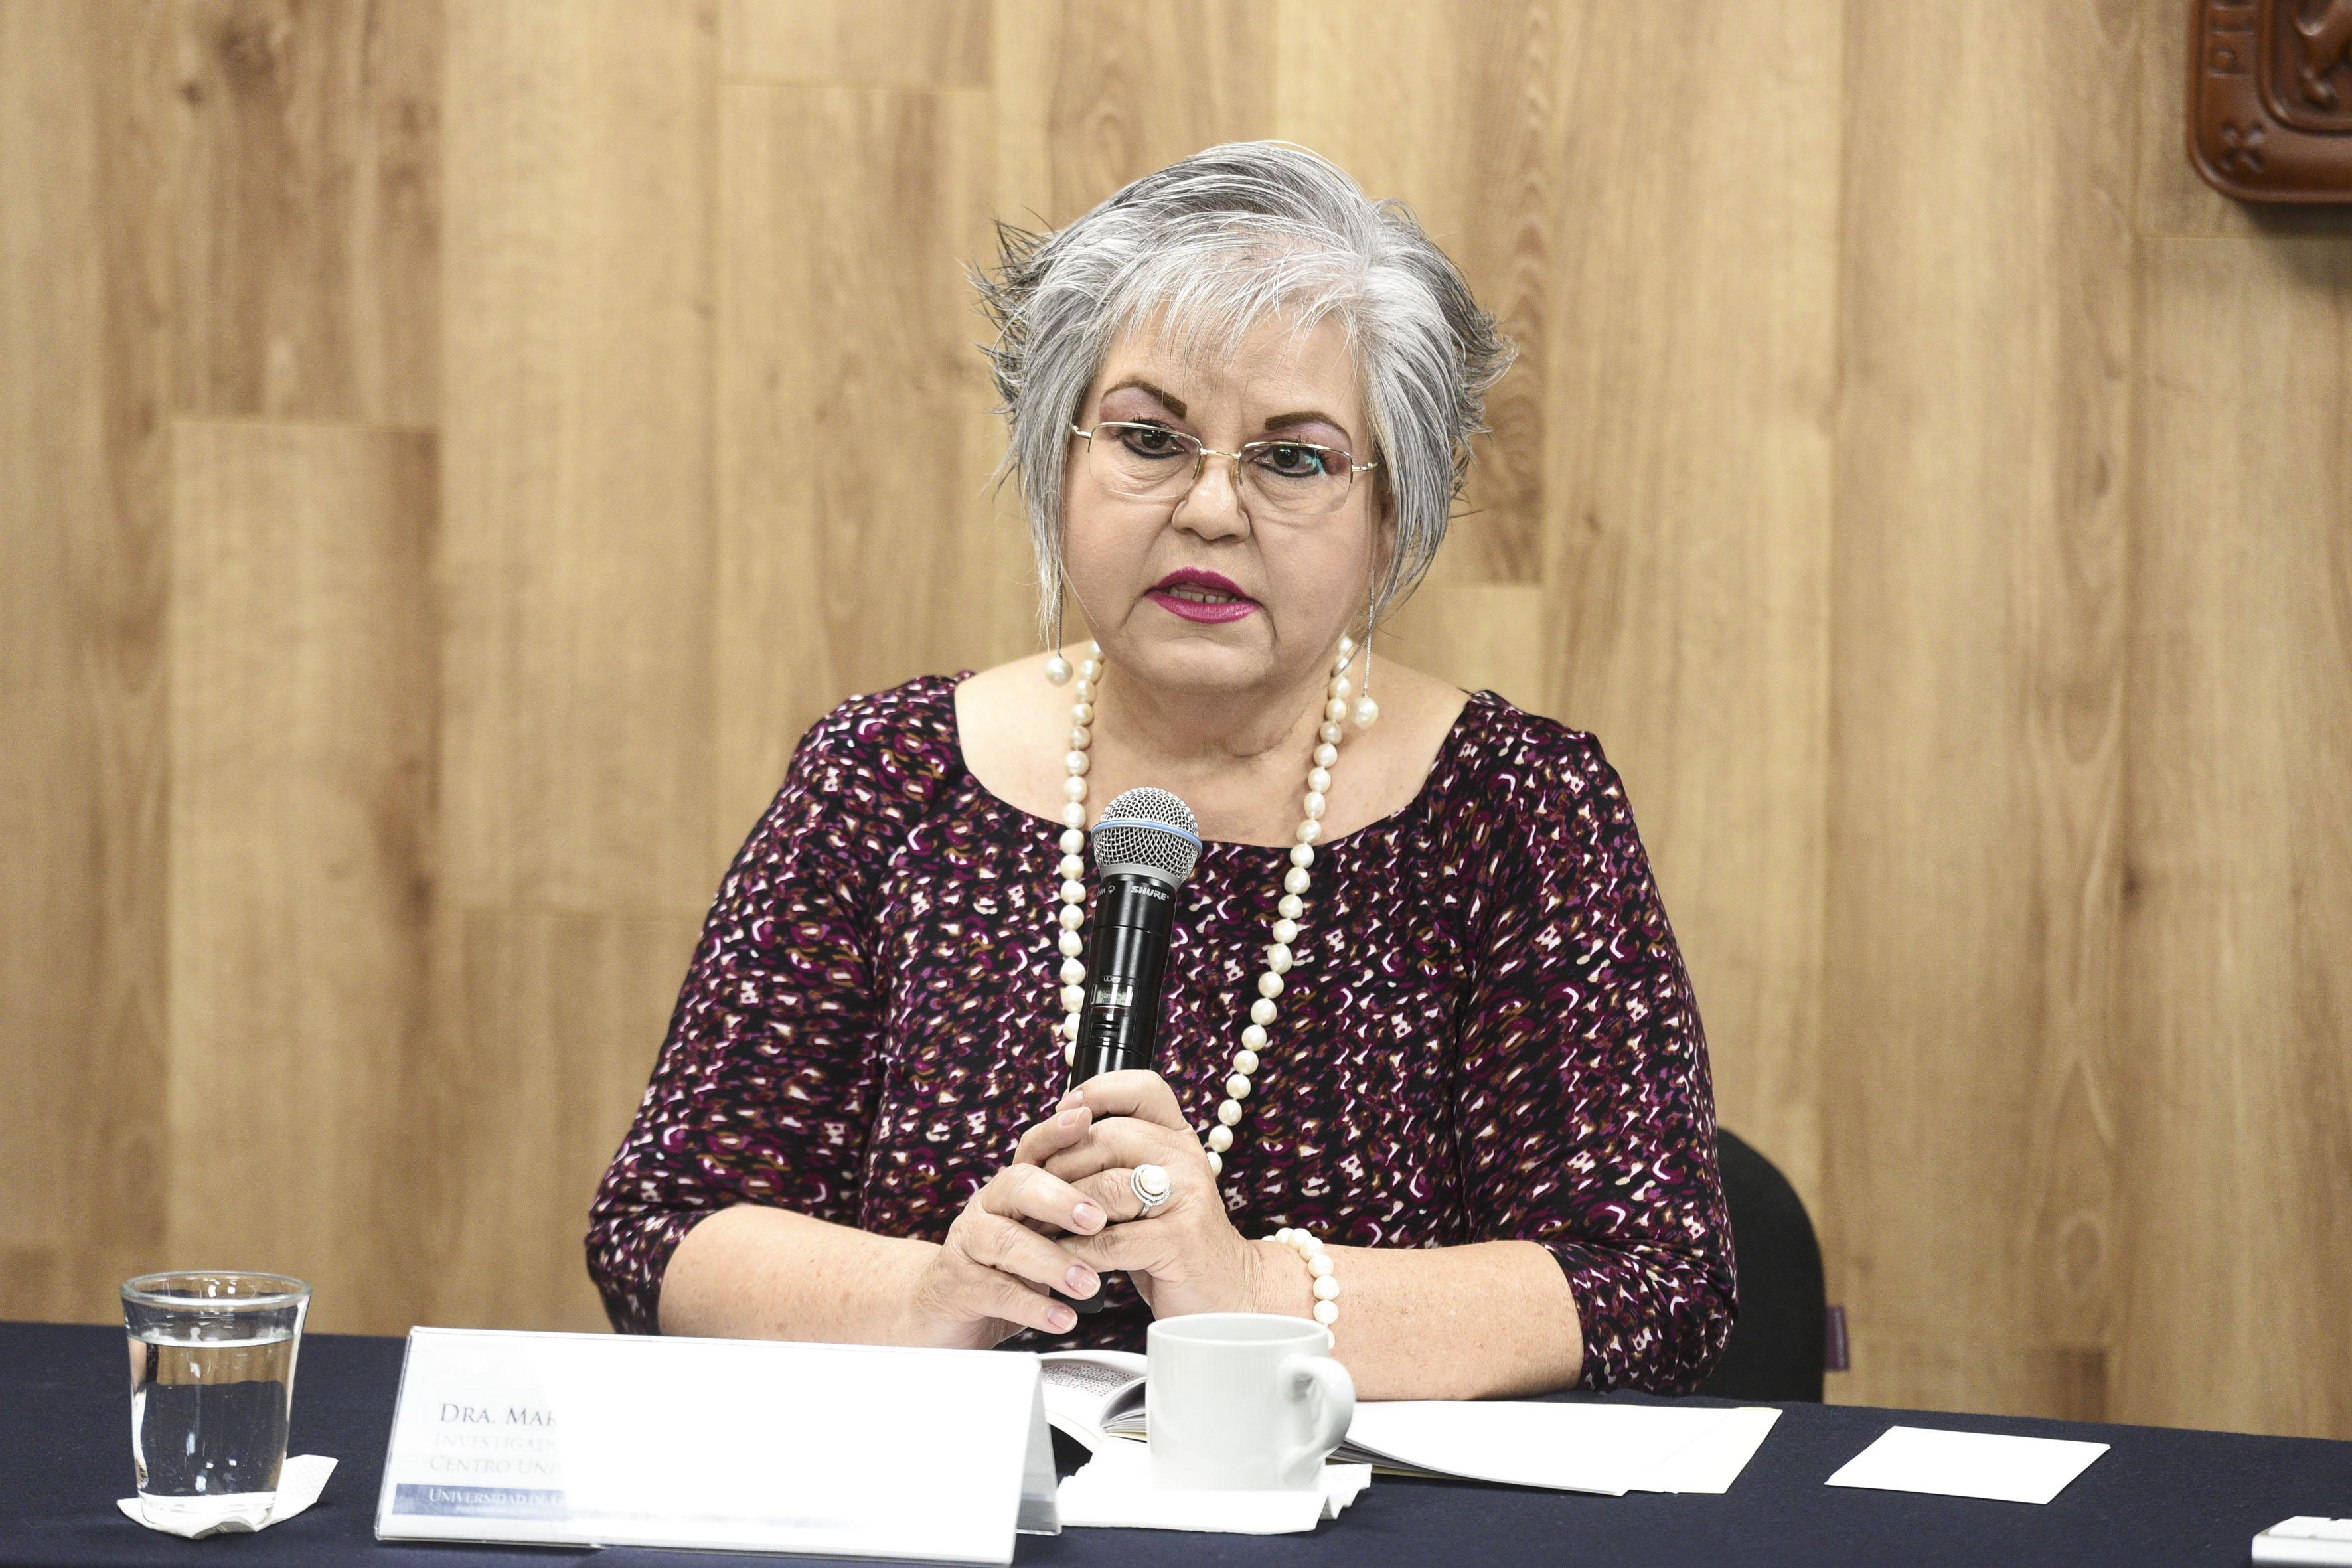 Dra Marina Kasten tomando la palabra